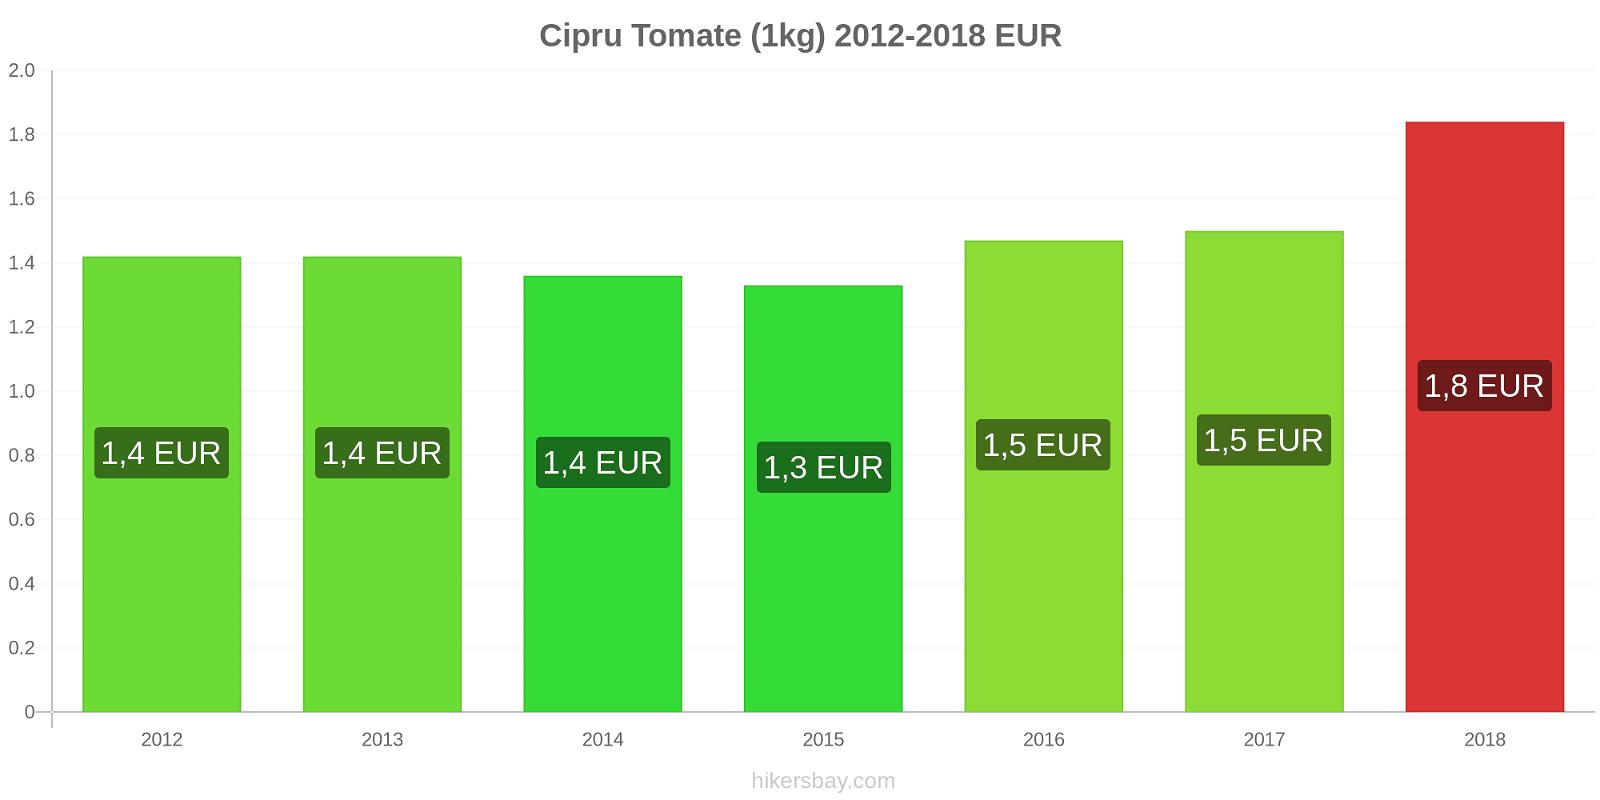 Cipru modificări de preț Tomate (1kg) hikersbay.com